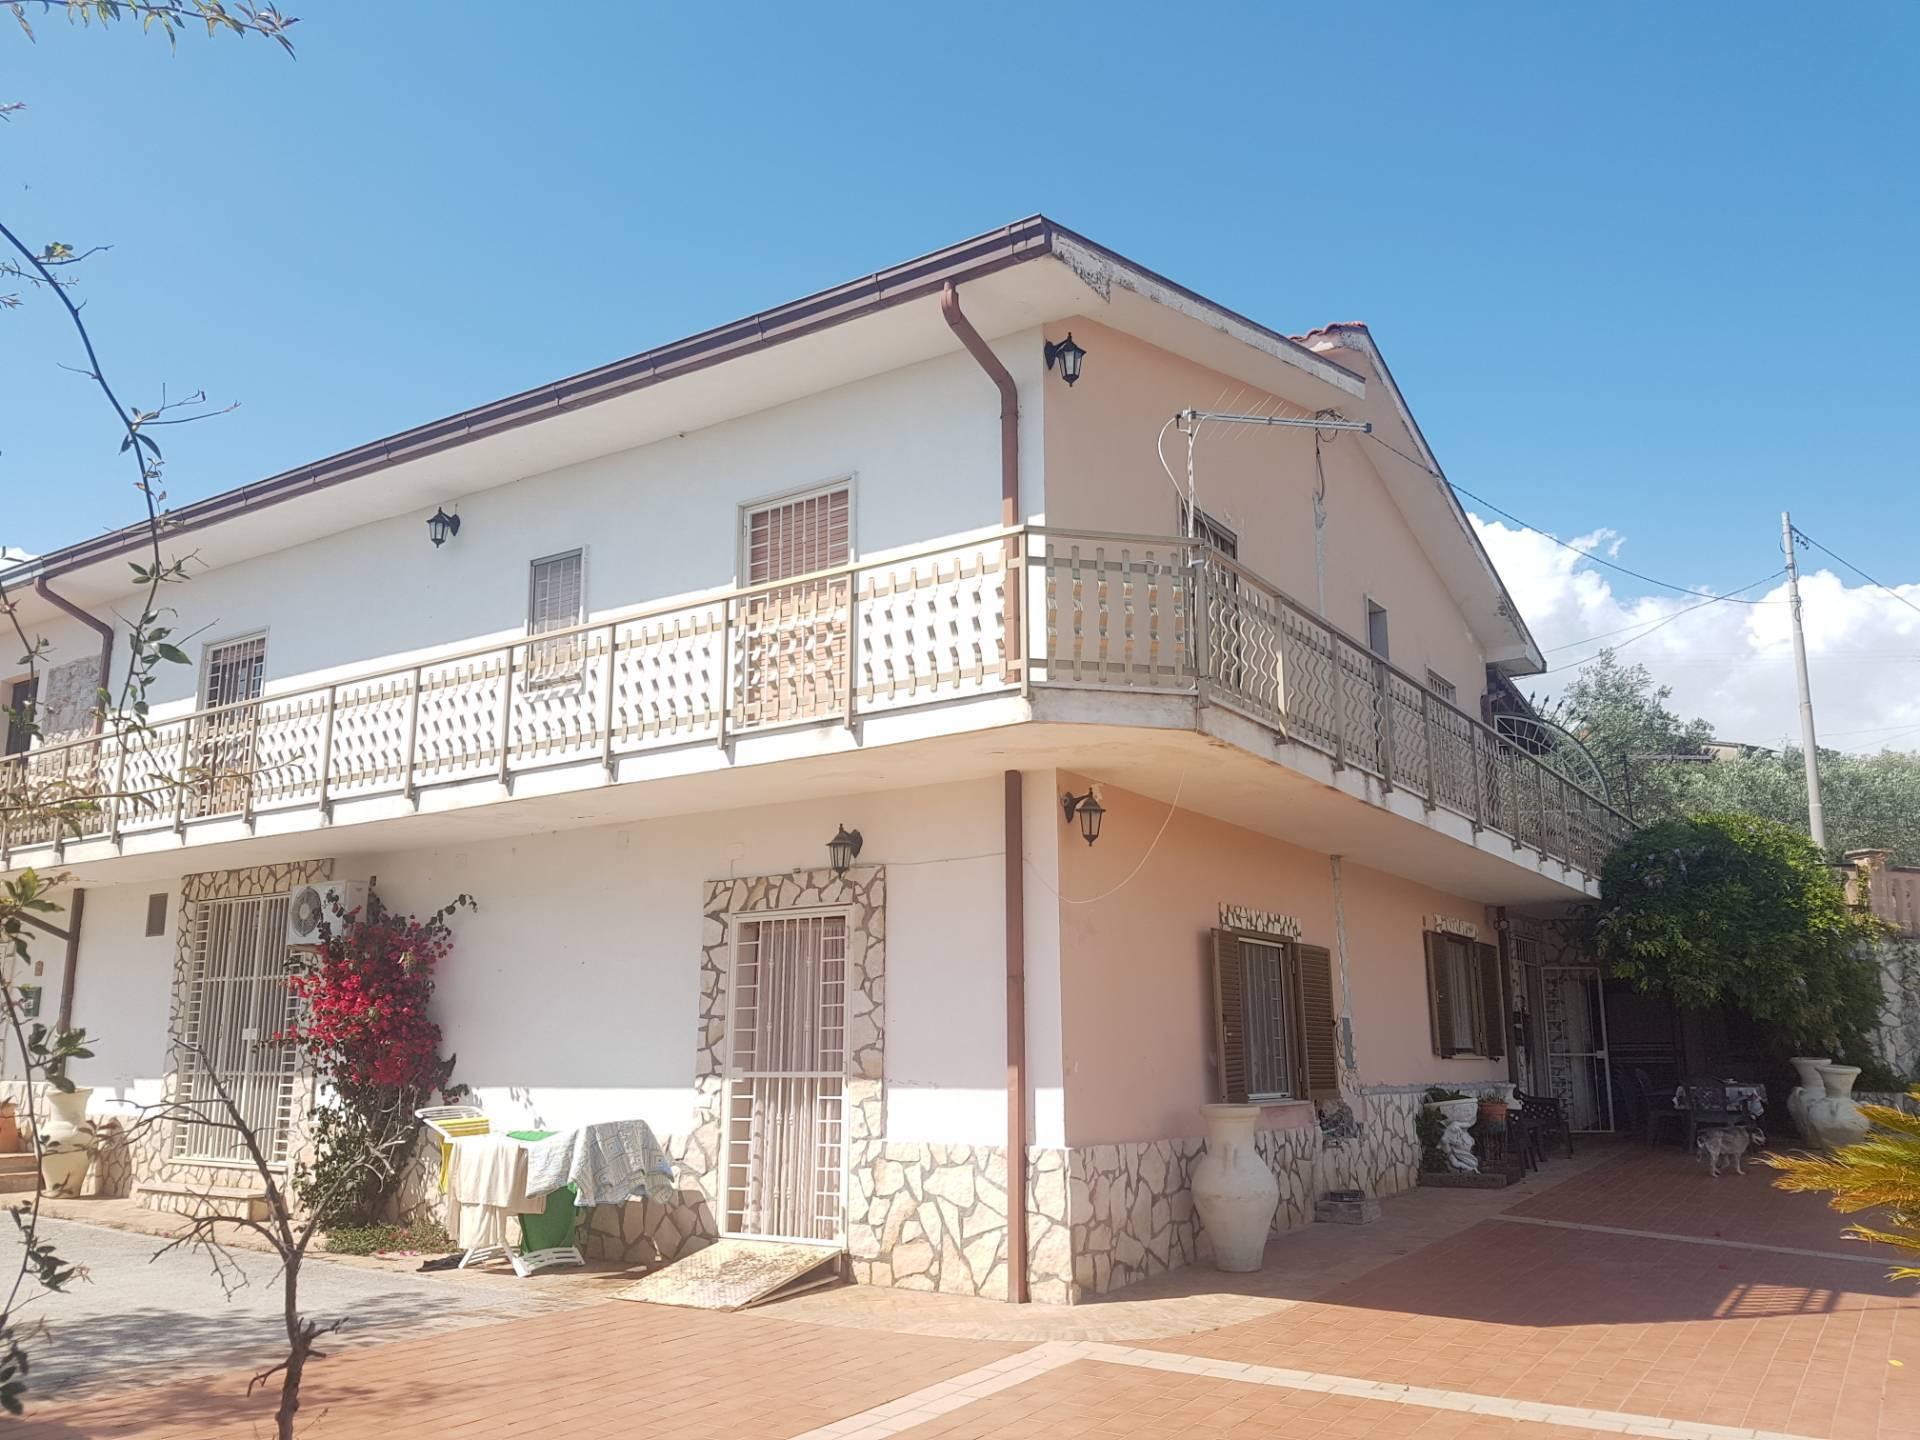 Appartamento in vendita a Fontana Liri, 10 locali, zona Località: FontanaLiriSuperiore, prezzo € 80.000 | PortaleAgenzieImmobiliari.it